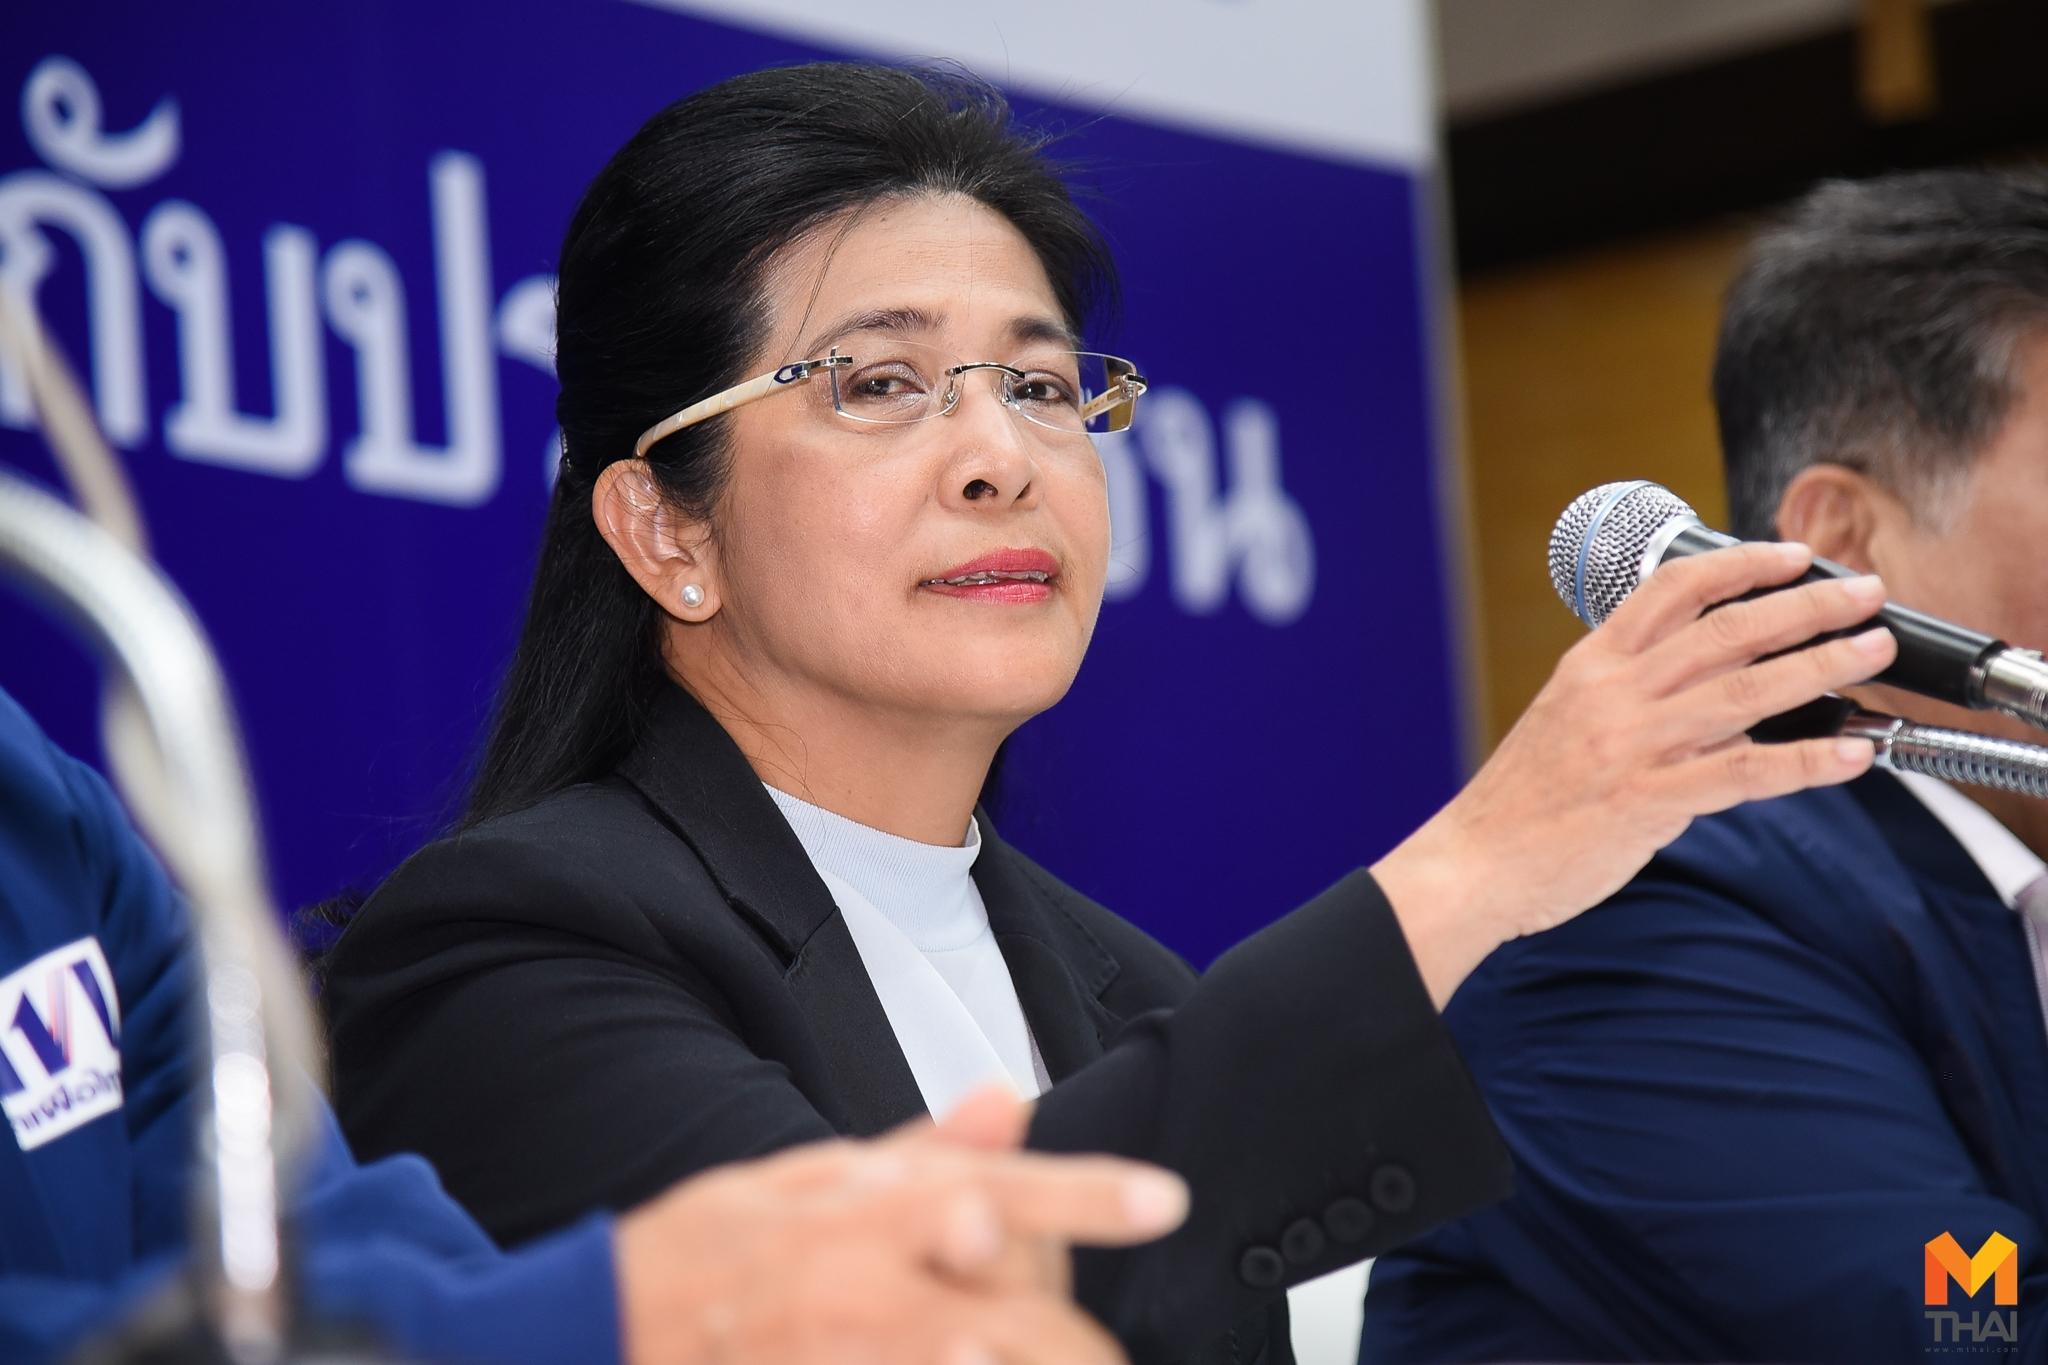 ข่าวสดวันนี้ ผลการเลือกตั้ง2562 พรรคเพื่อไทย เลือกตั้ง 2562 เลือกตั้ง62